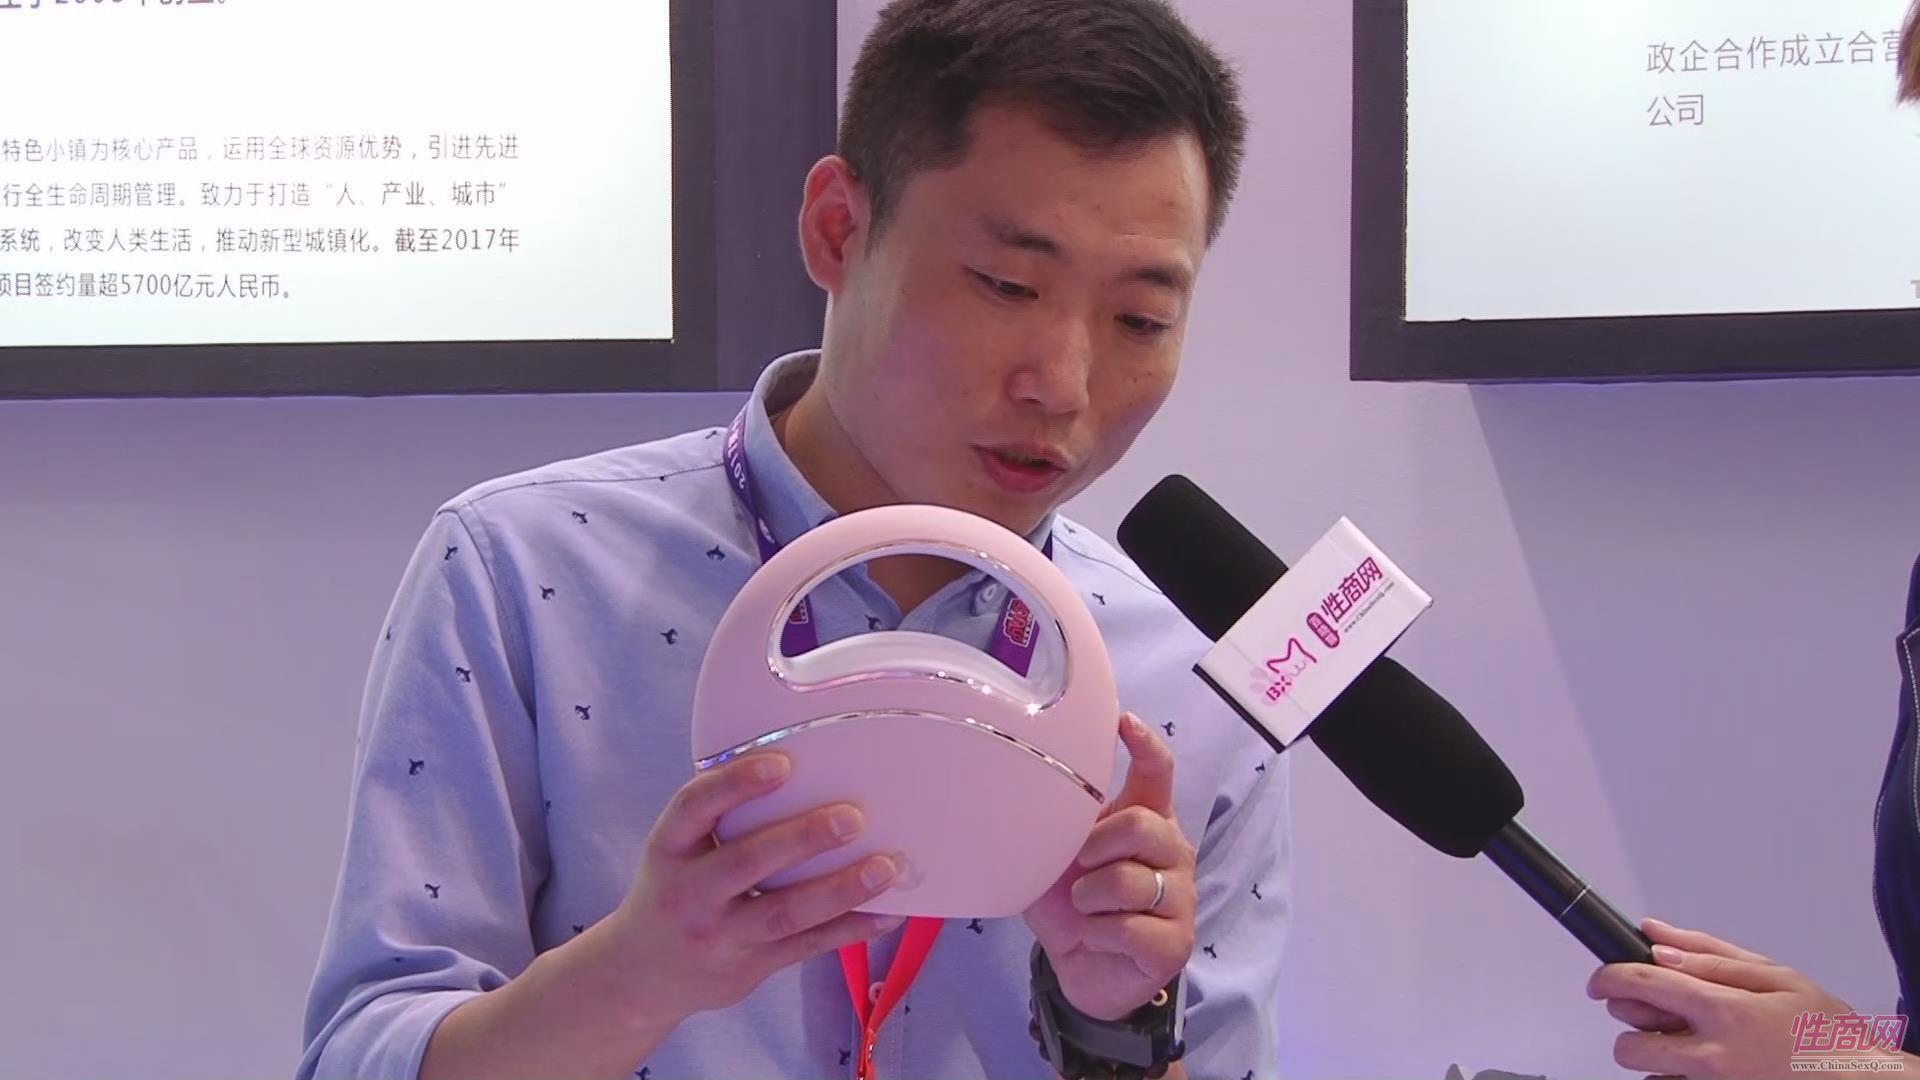 新推出的振动器产品